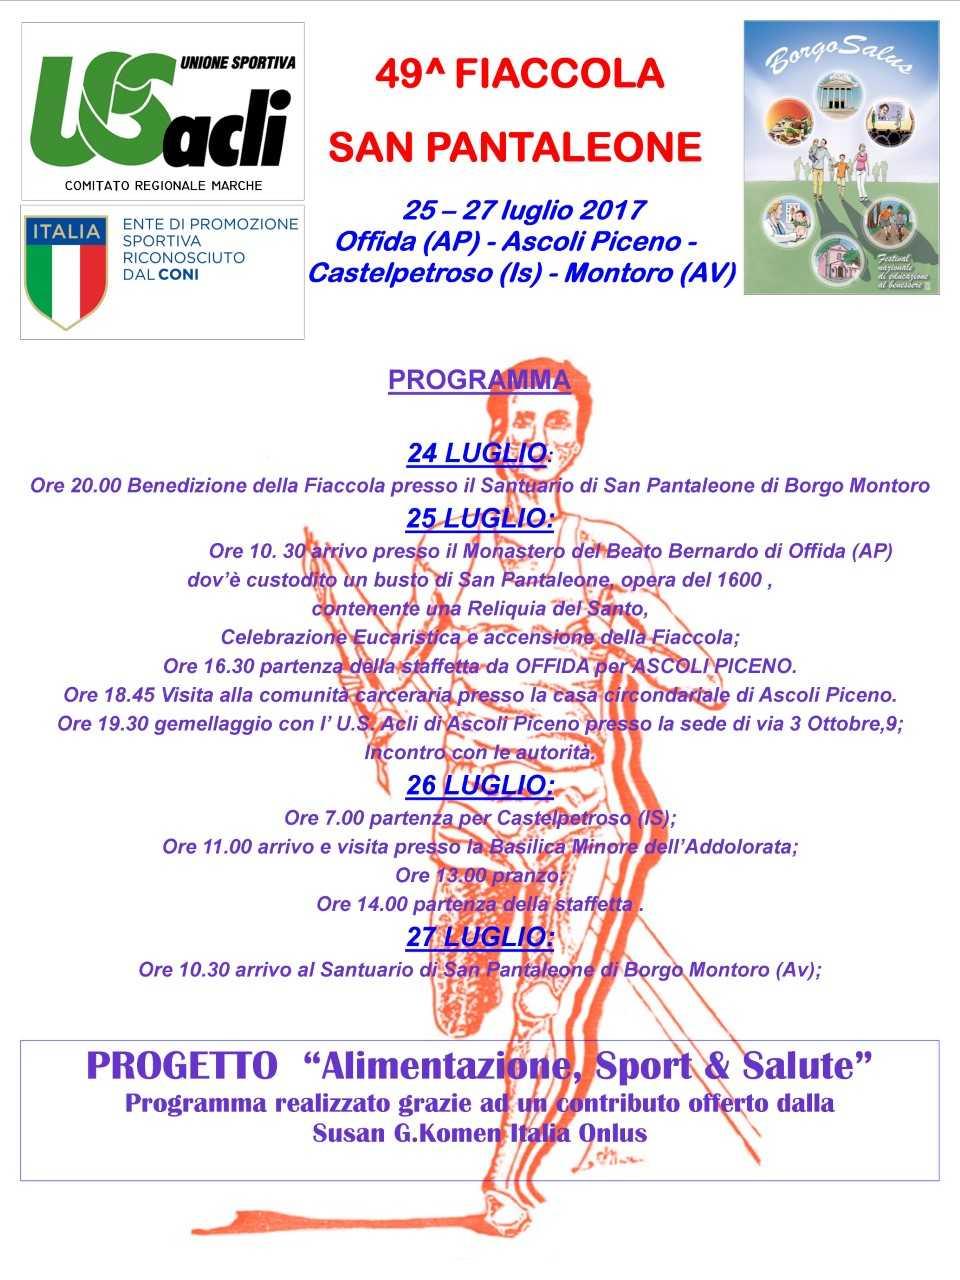 """Il 25 luglio la """"Fiaccola di San Pantaleone"""" fa tappa ad Ascoli Piceno ed Offida"""